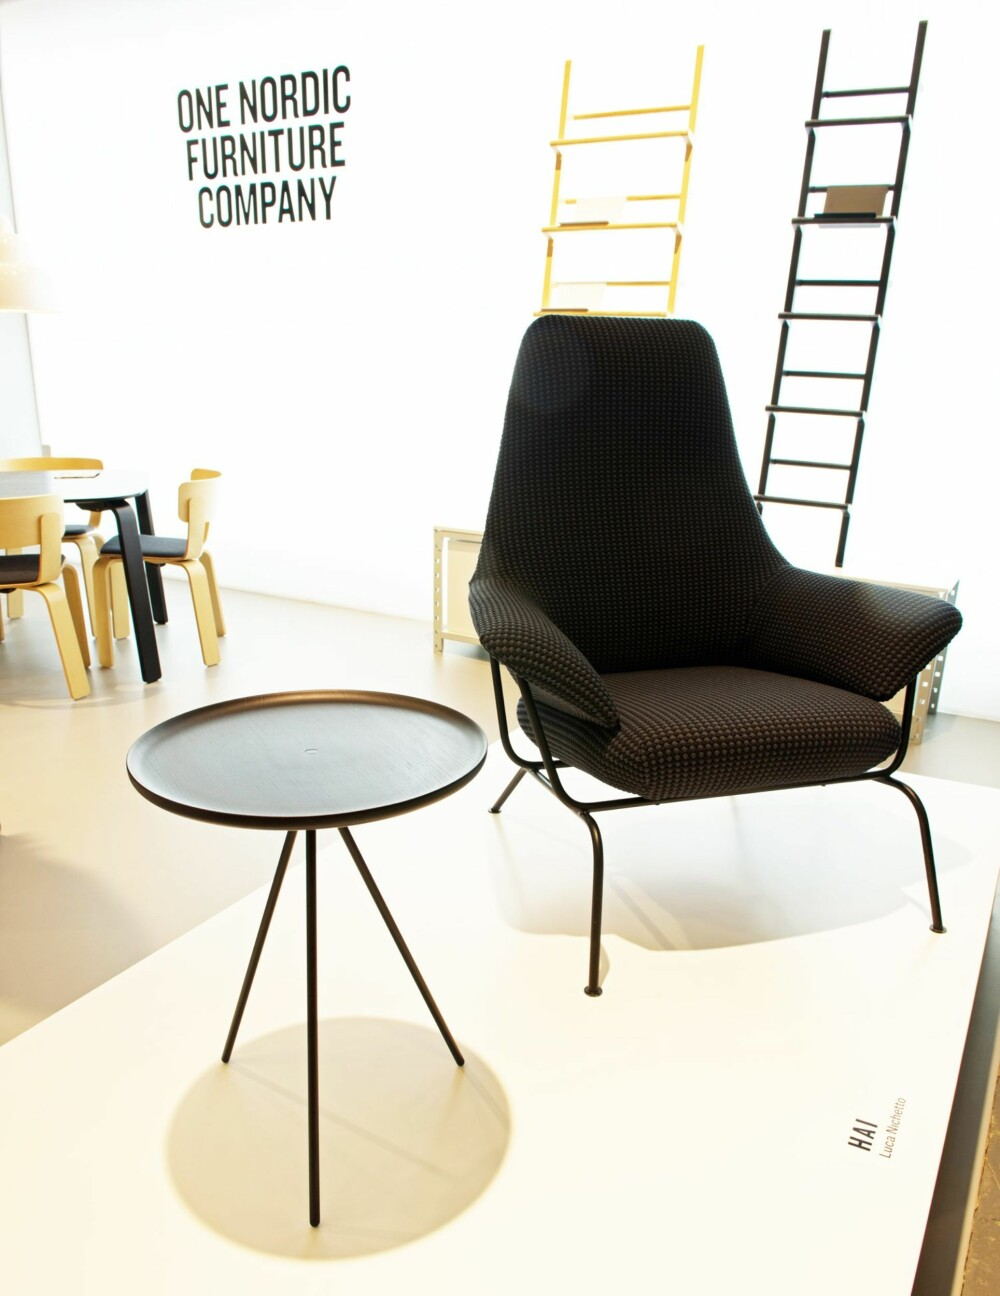 FERSK OG LOVENDE: Bordet Key og stolen Hai er vitner om at nyetablerte One Nordic Furniture Company kan komme til å bli en ledende produsent.